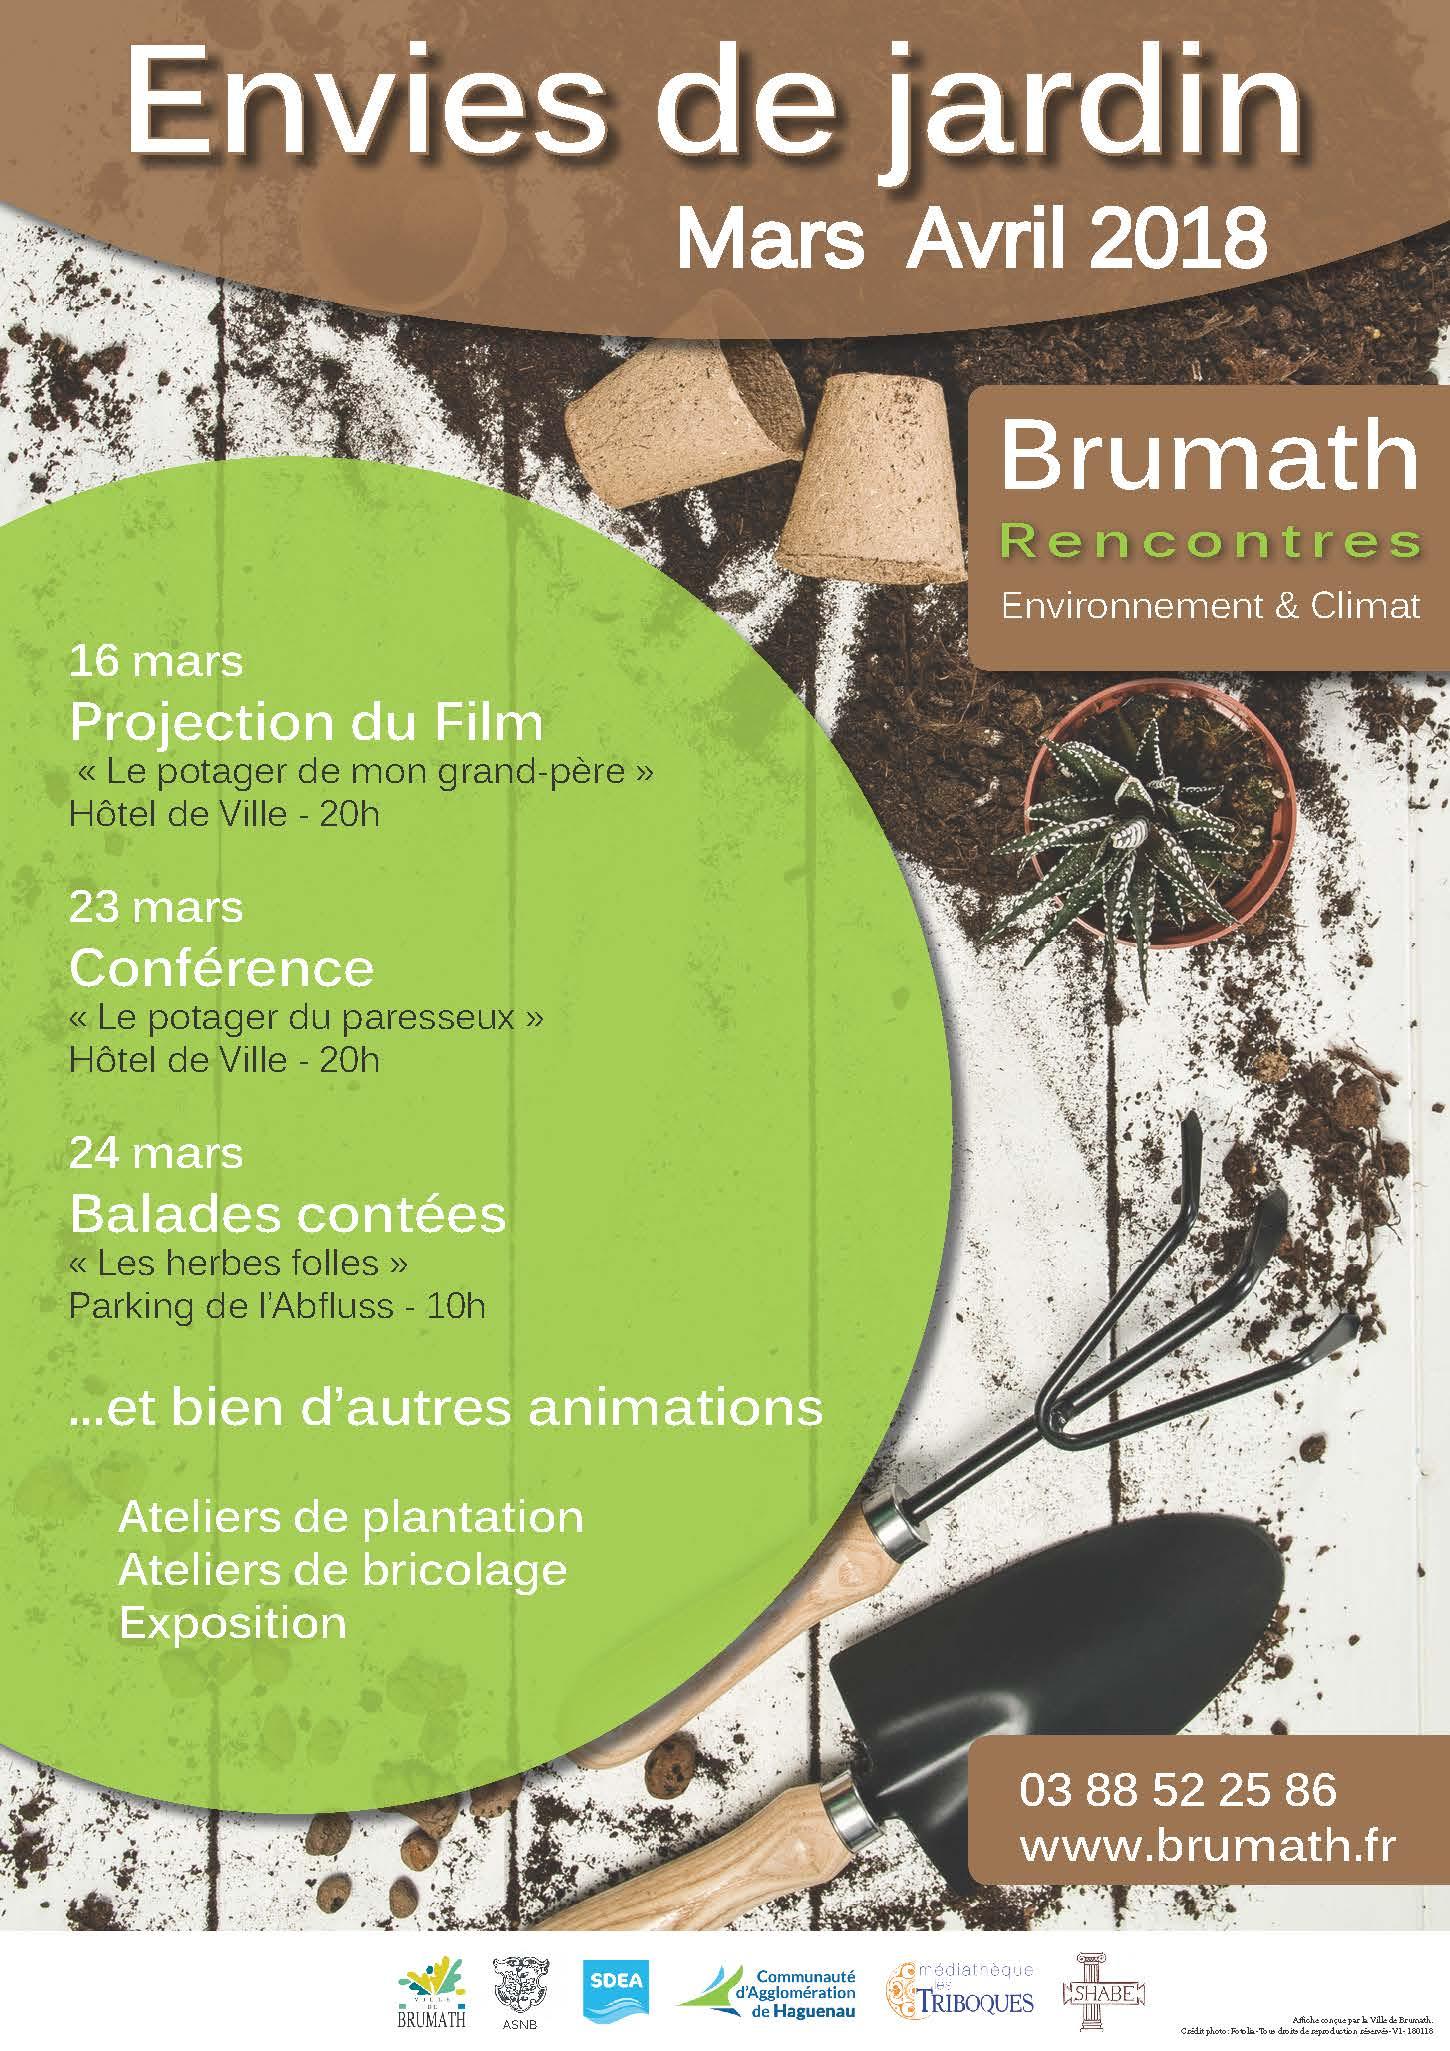 Brumath rencontres environnement & climat: envies de jardin